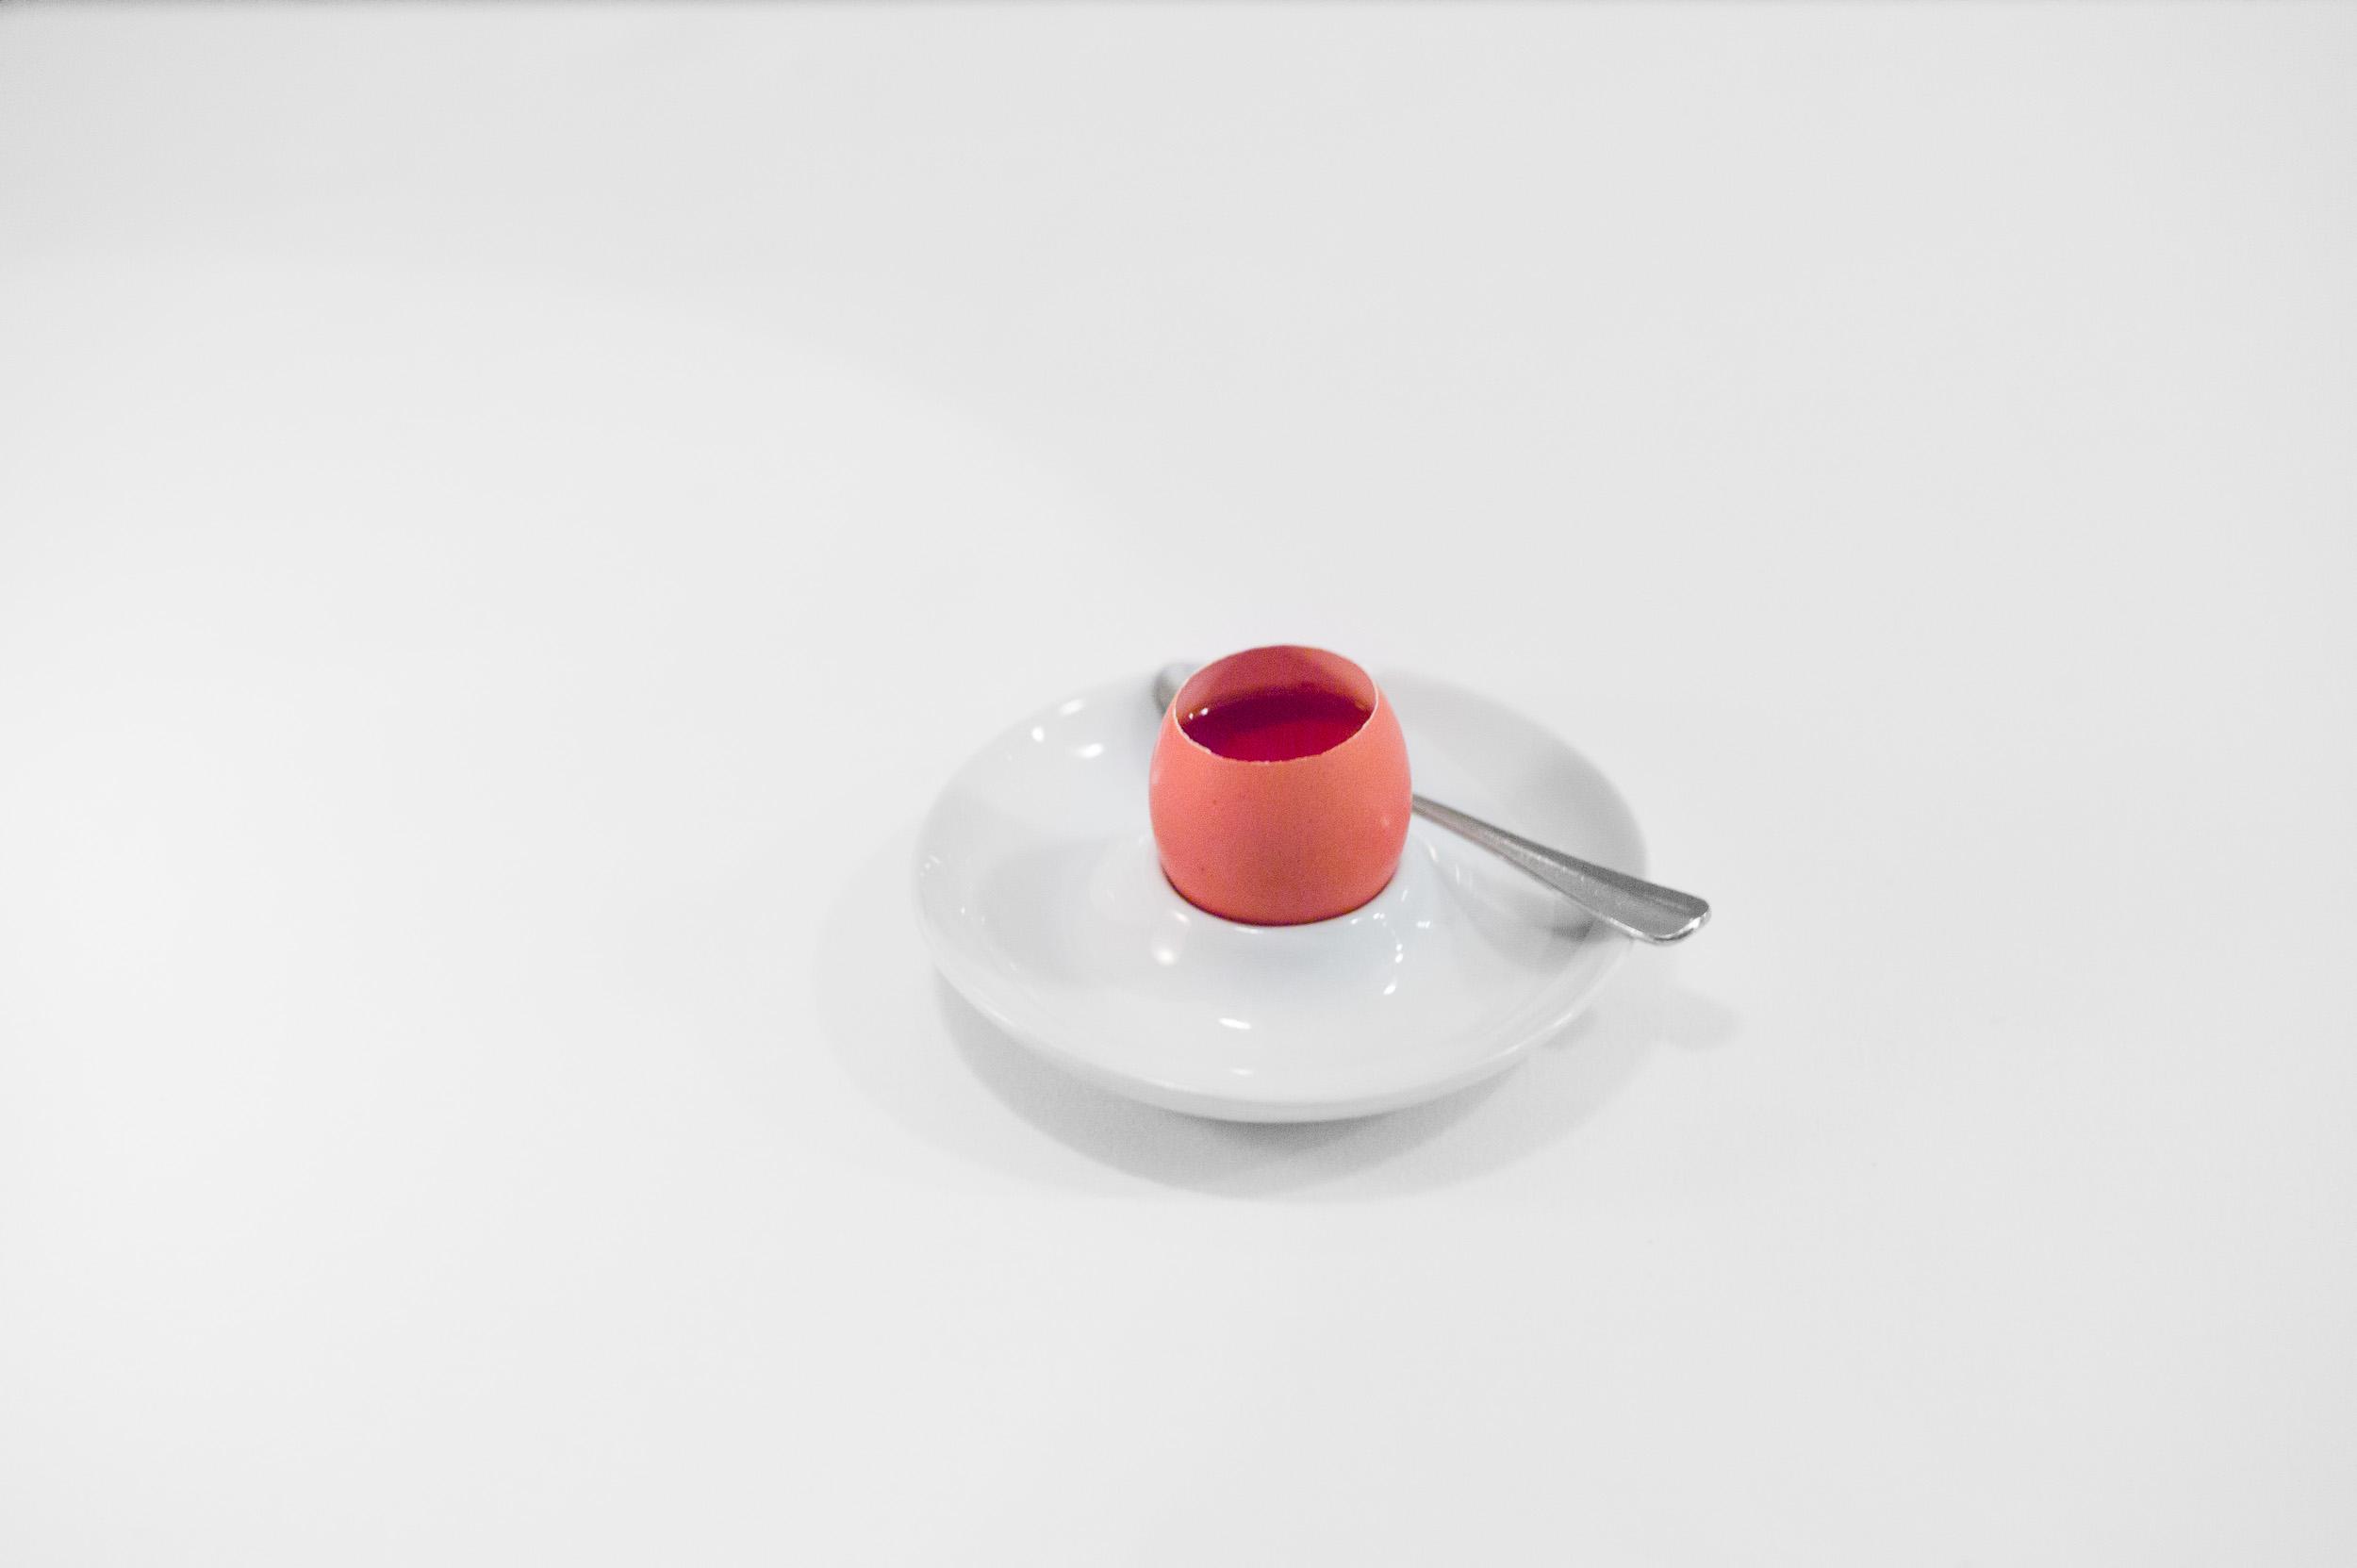 12th Course: Sauternes custard